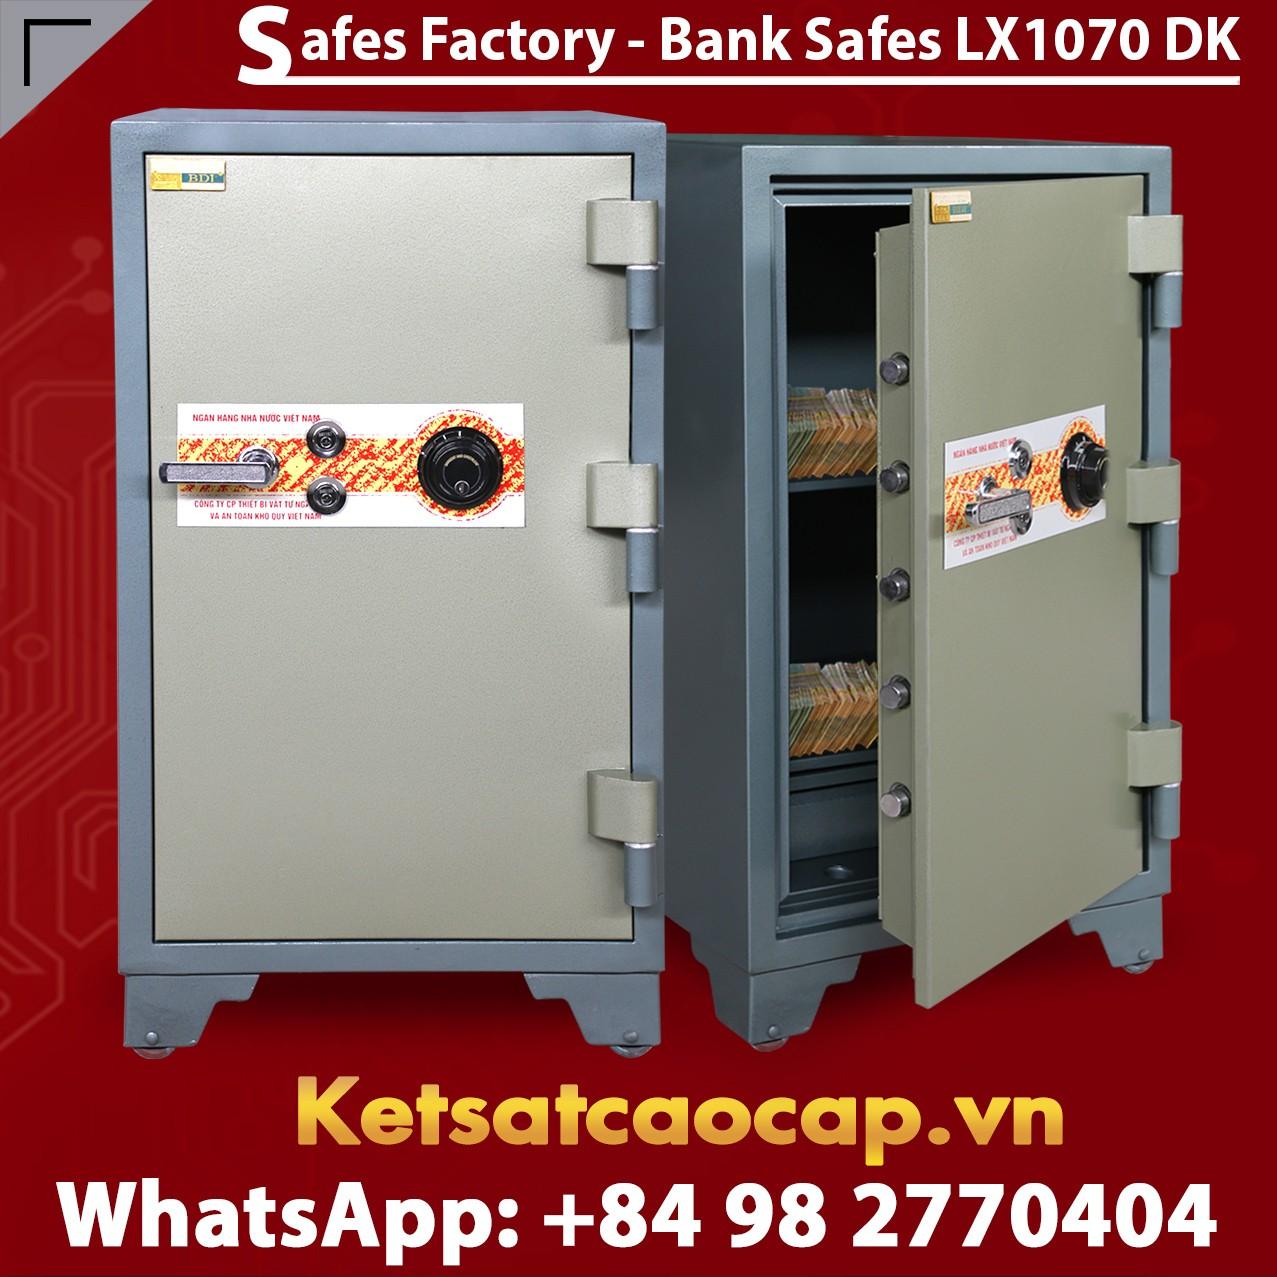 Bank Safes LX1070 DK Top 1 Quality Bank Safe Luxury Design From BEMC